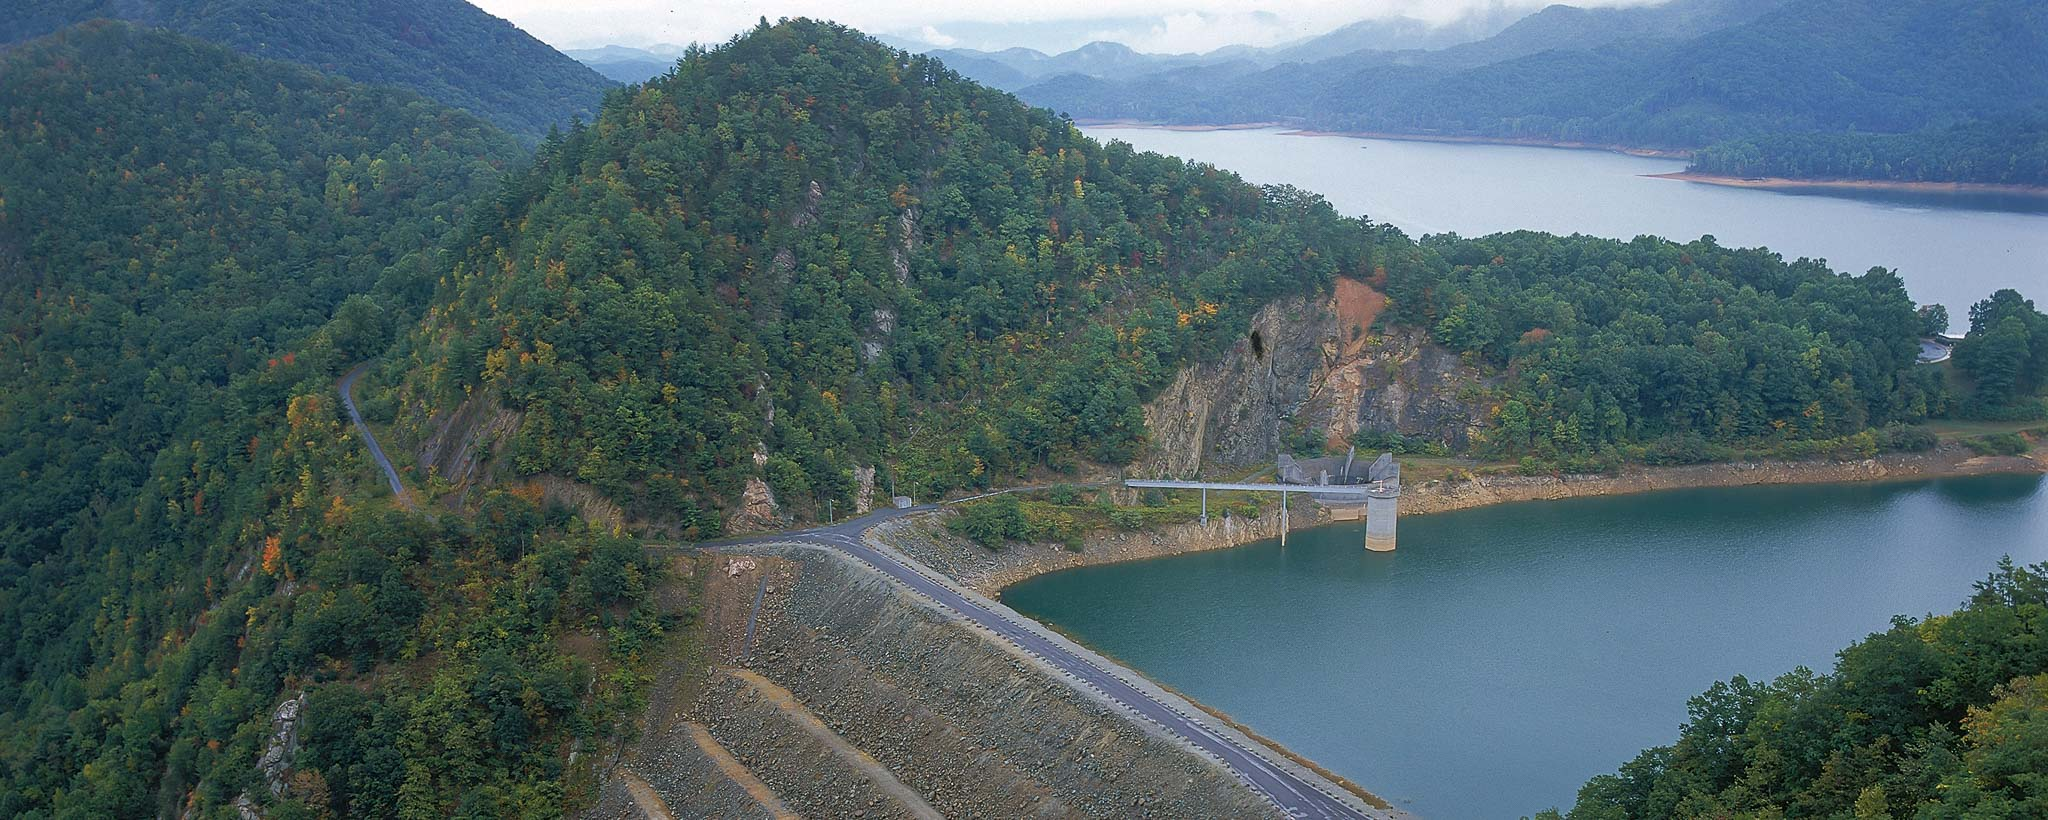 Watauga Reservoir